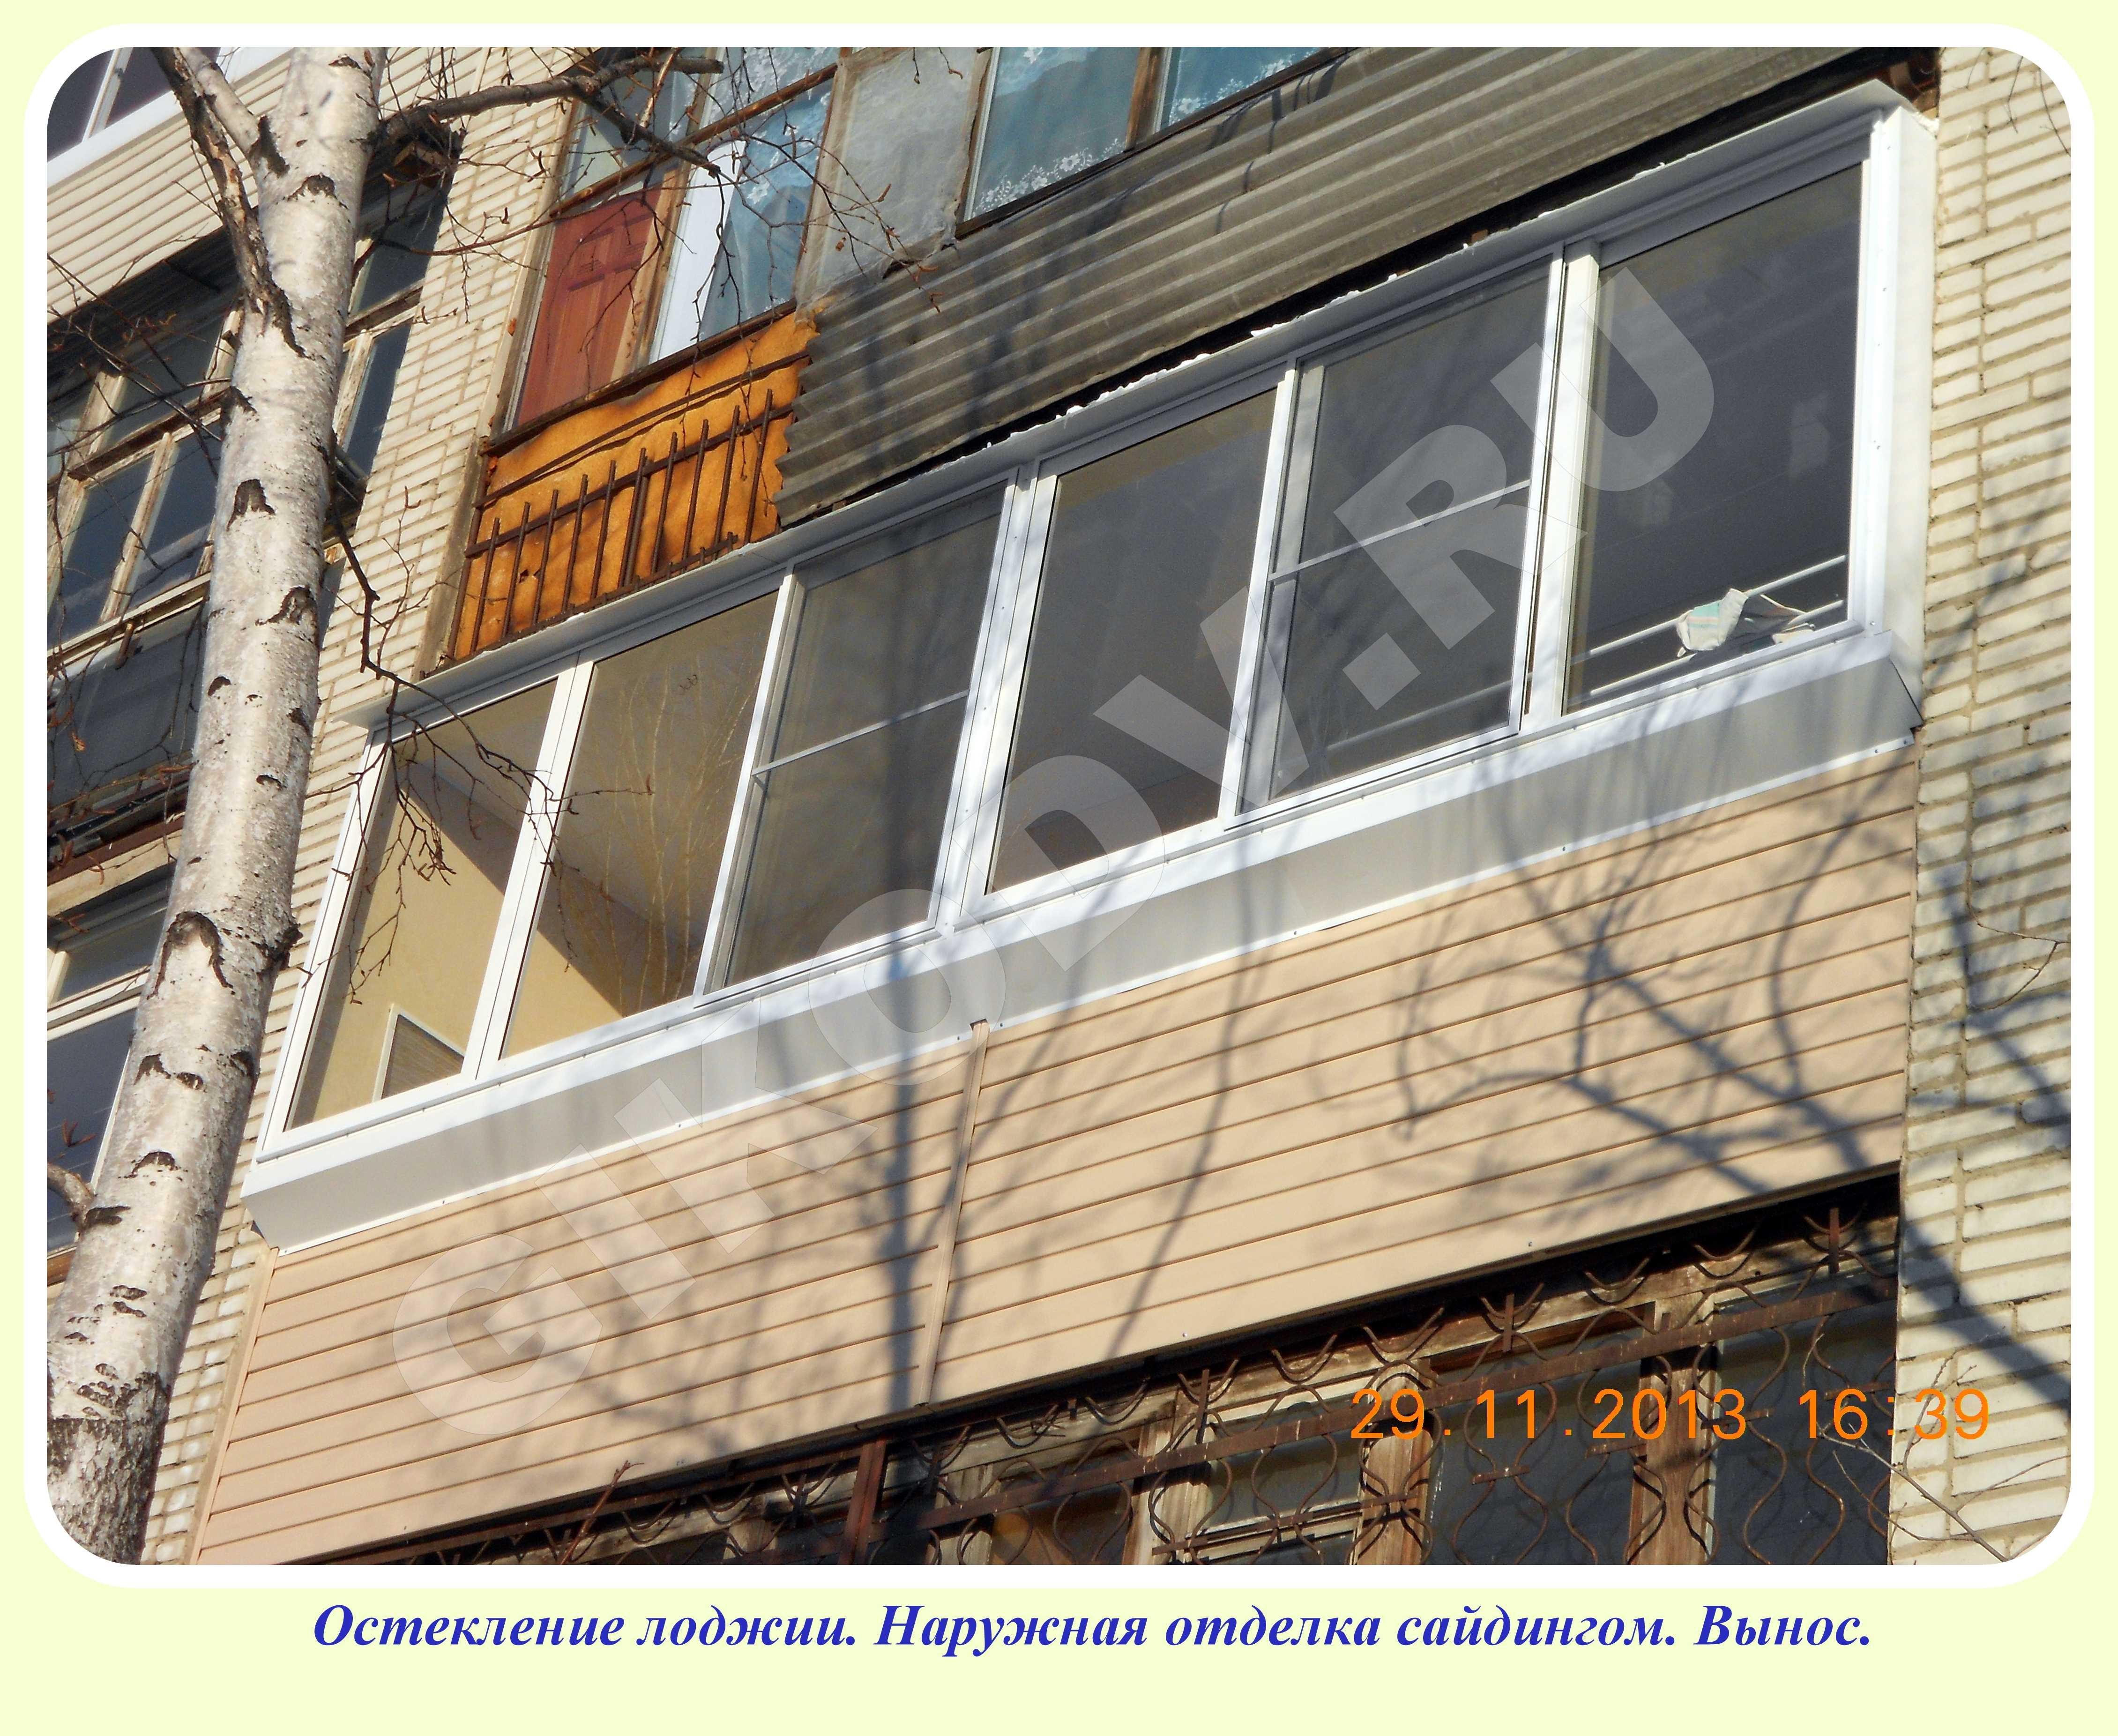 Примеры наружной обшивки балконов сайдингом, цены от произво.